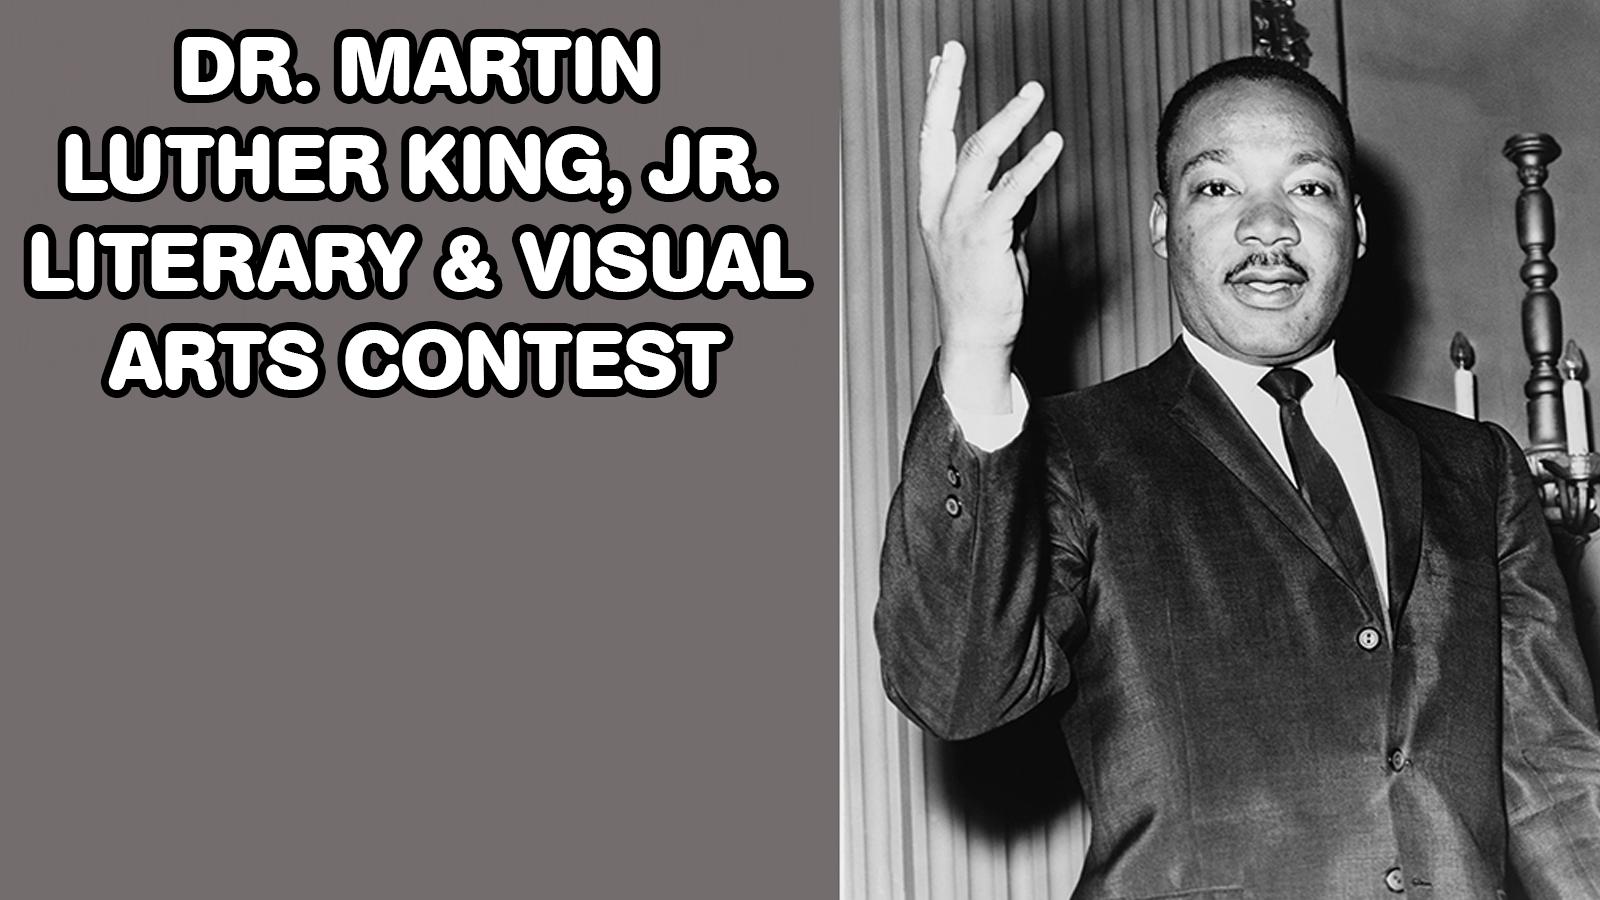 MLK Jr Contest Underway